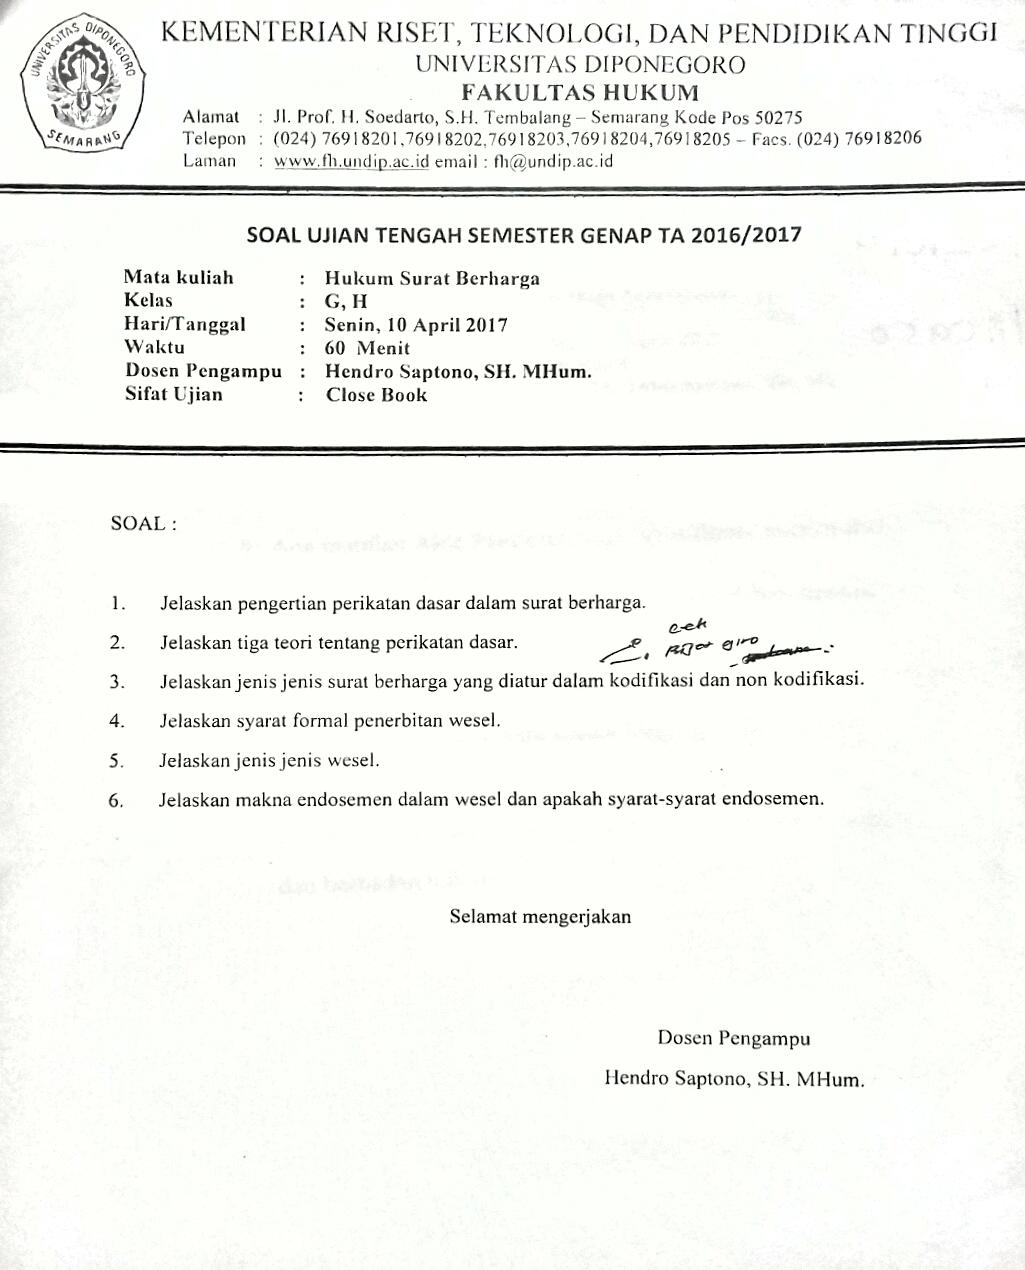 Kumpulan Soal Uts Semester 4 Ta 2016 2017 Fakultas Hukum Undip